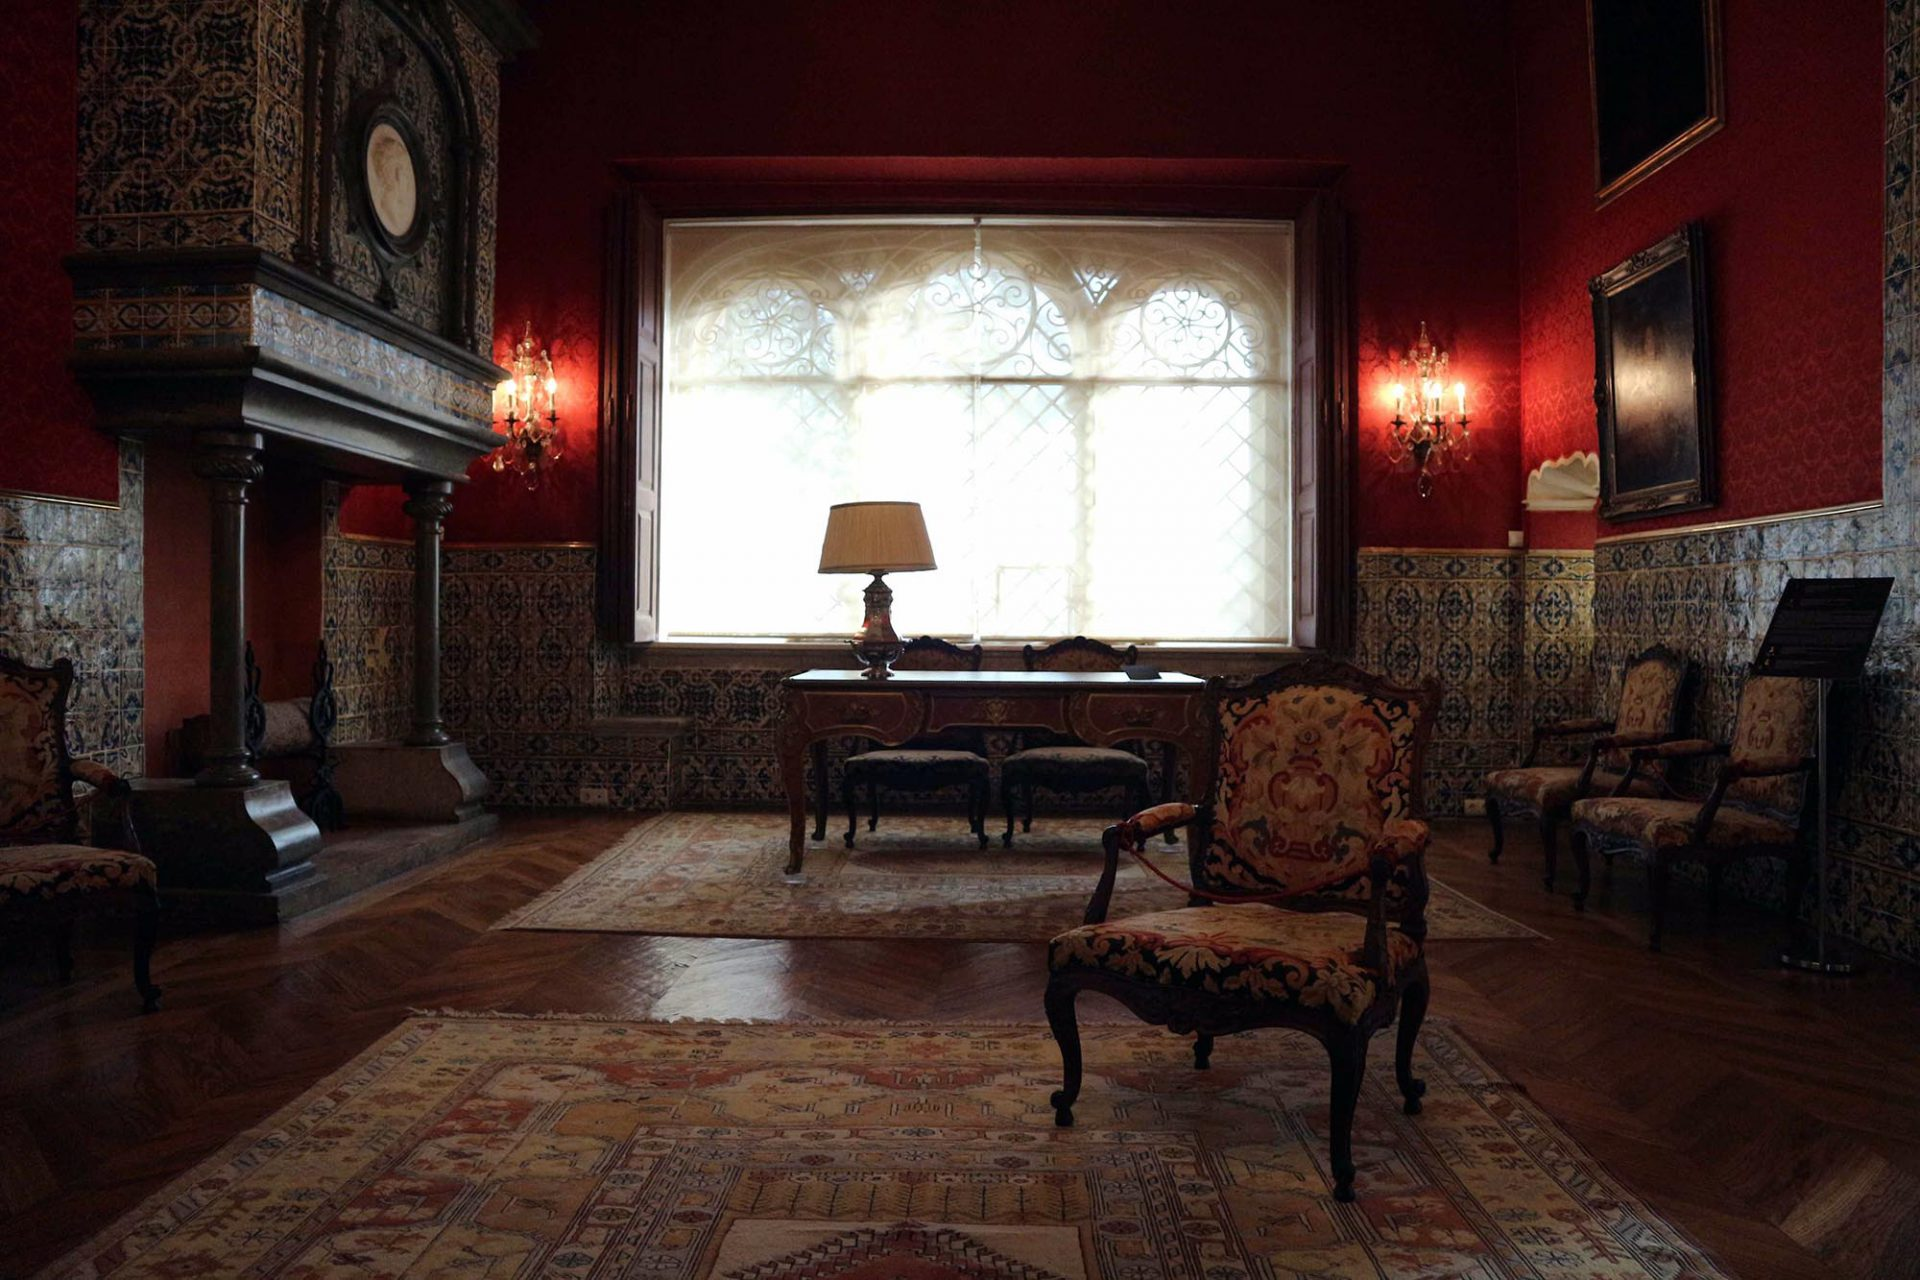 Museumsbibliothek und Palast der Grafen von Castro Guimarães.  Eine Zeitreise in die Ära der Adelshäuser um das Jahr 1900.